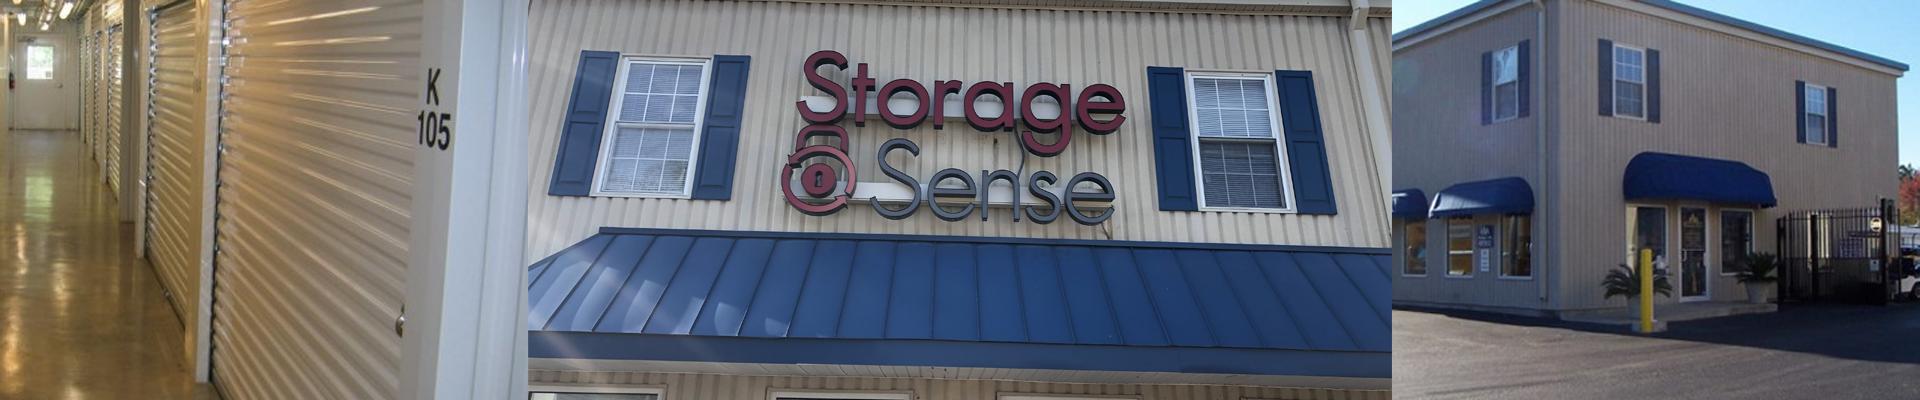 Ridgeland SC Storage